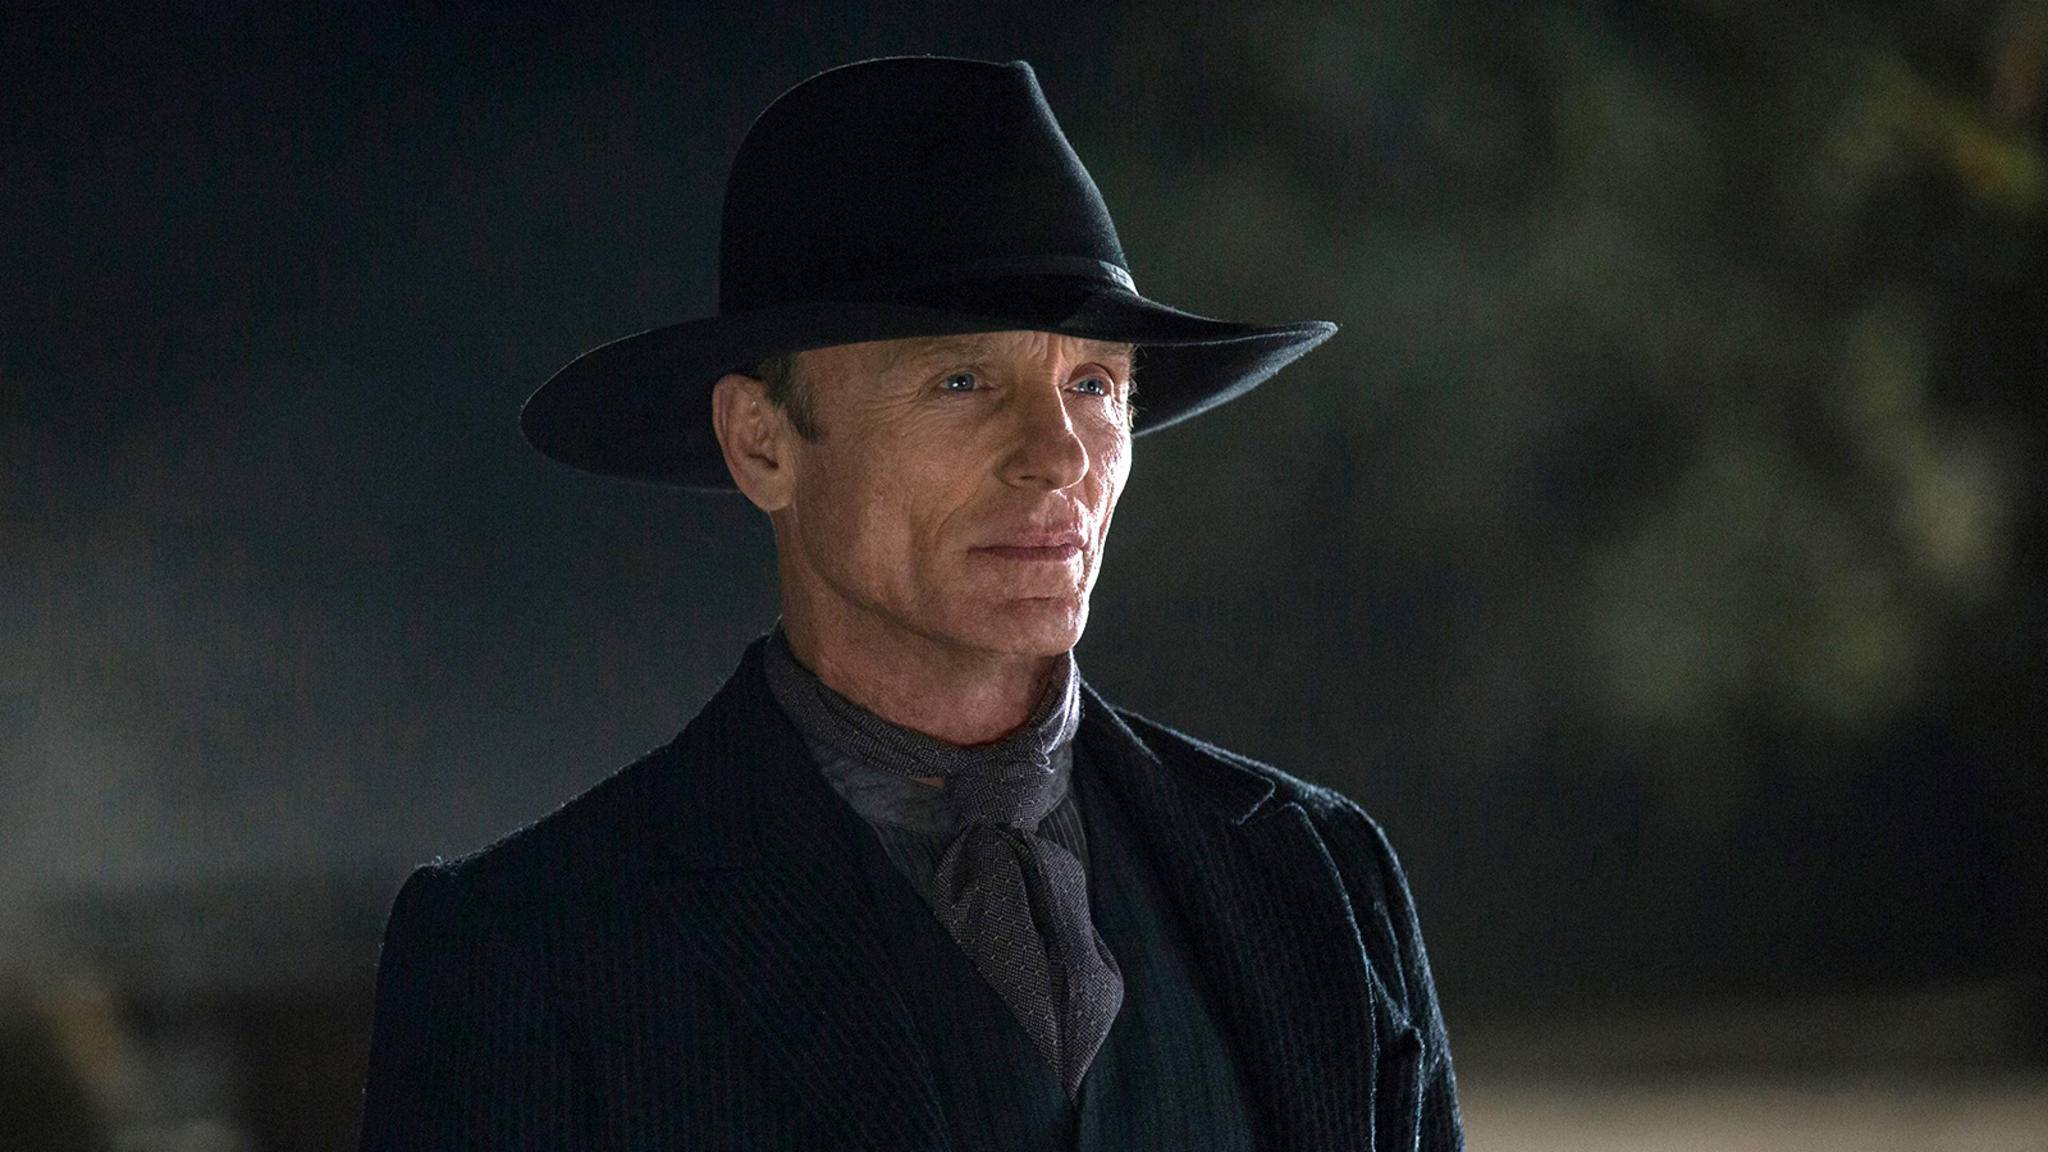 """Wer ist der mysteriöse Mann in Schwarz (Ed Harris)? Eine der Fragen, die das """"Westworld""""-Staffelfinale vermutlich beantworten wird."""